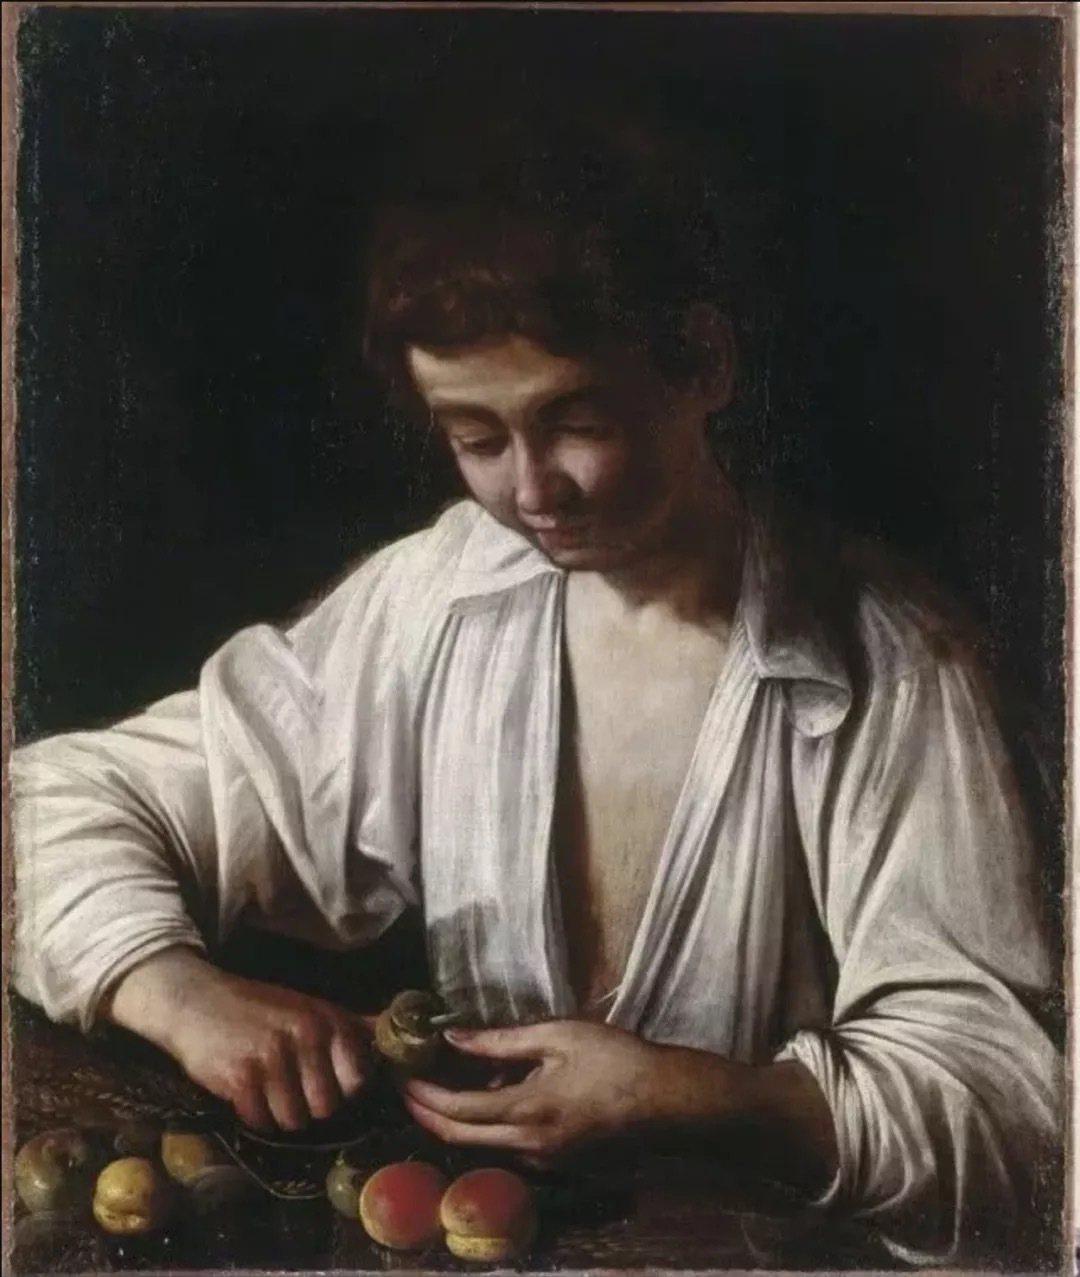 〈剝水果的男孩〉被認為是卡拉瓦喬最早留存下來的畫作,2015年在佳士得流拍。